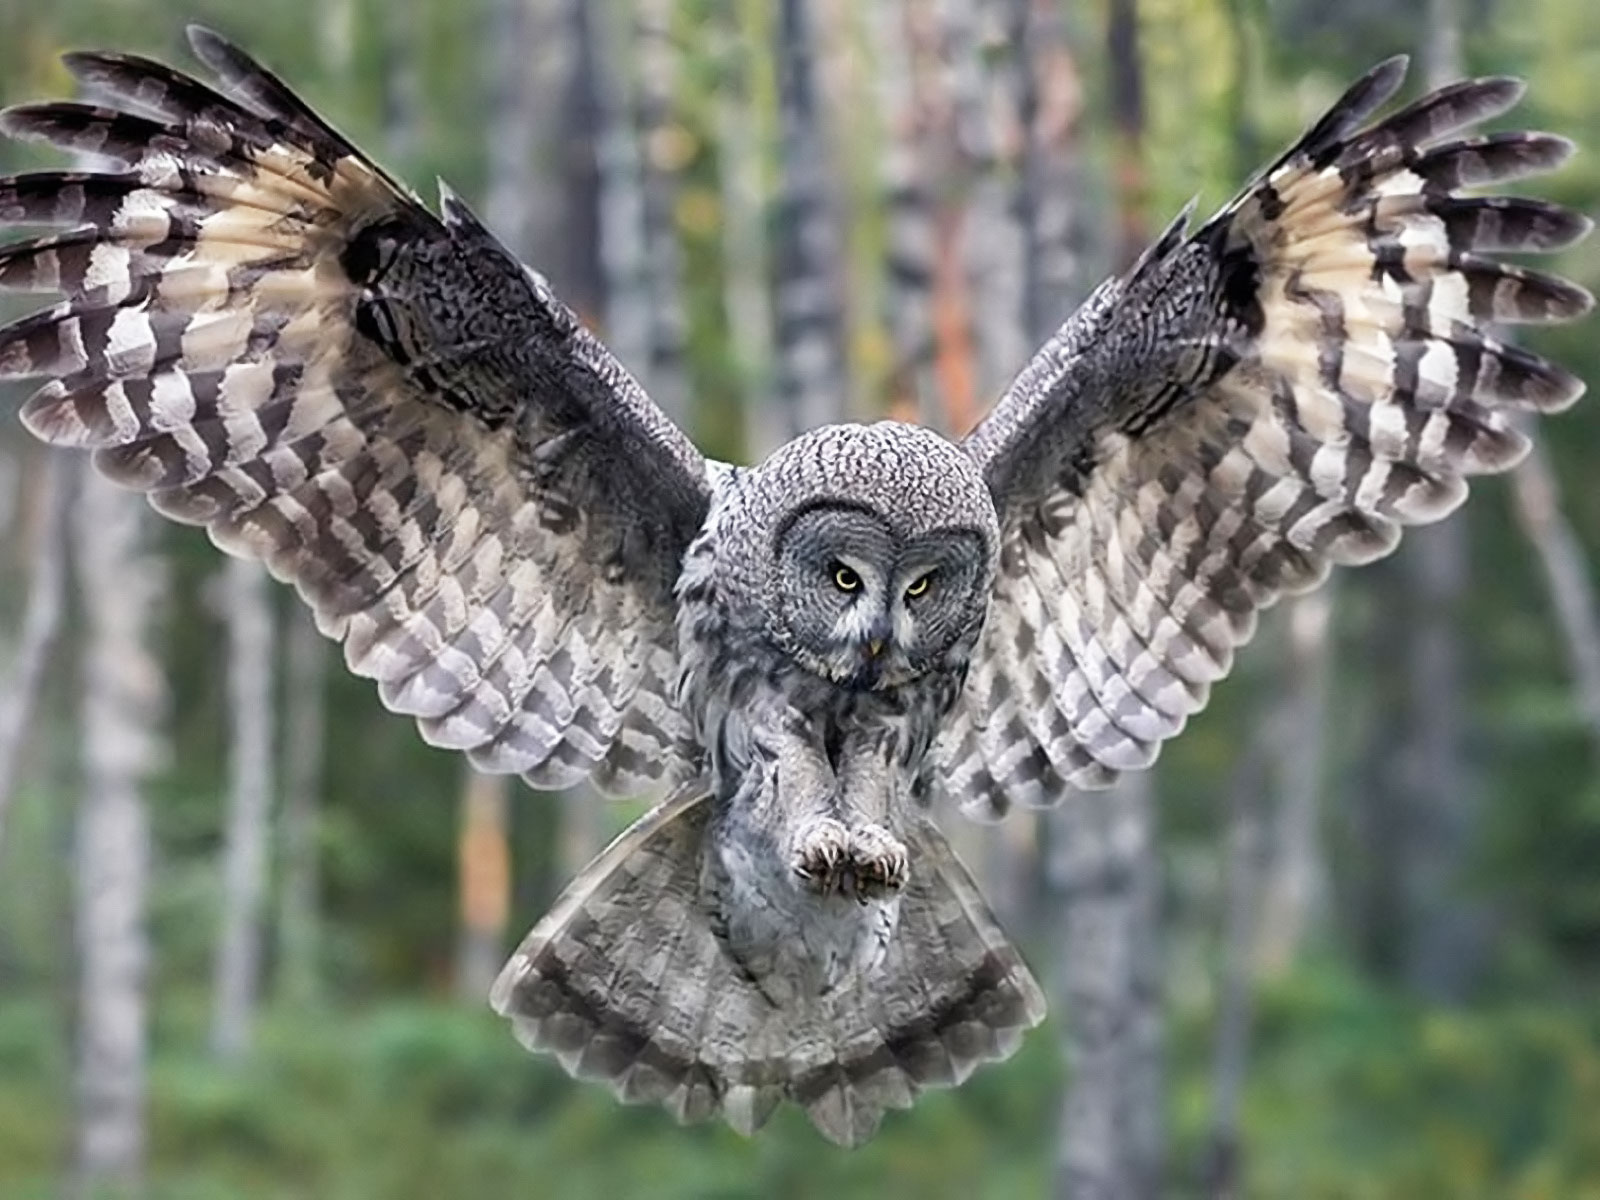 Owl paraphrasing xp